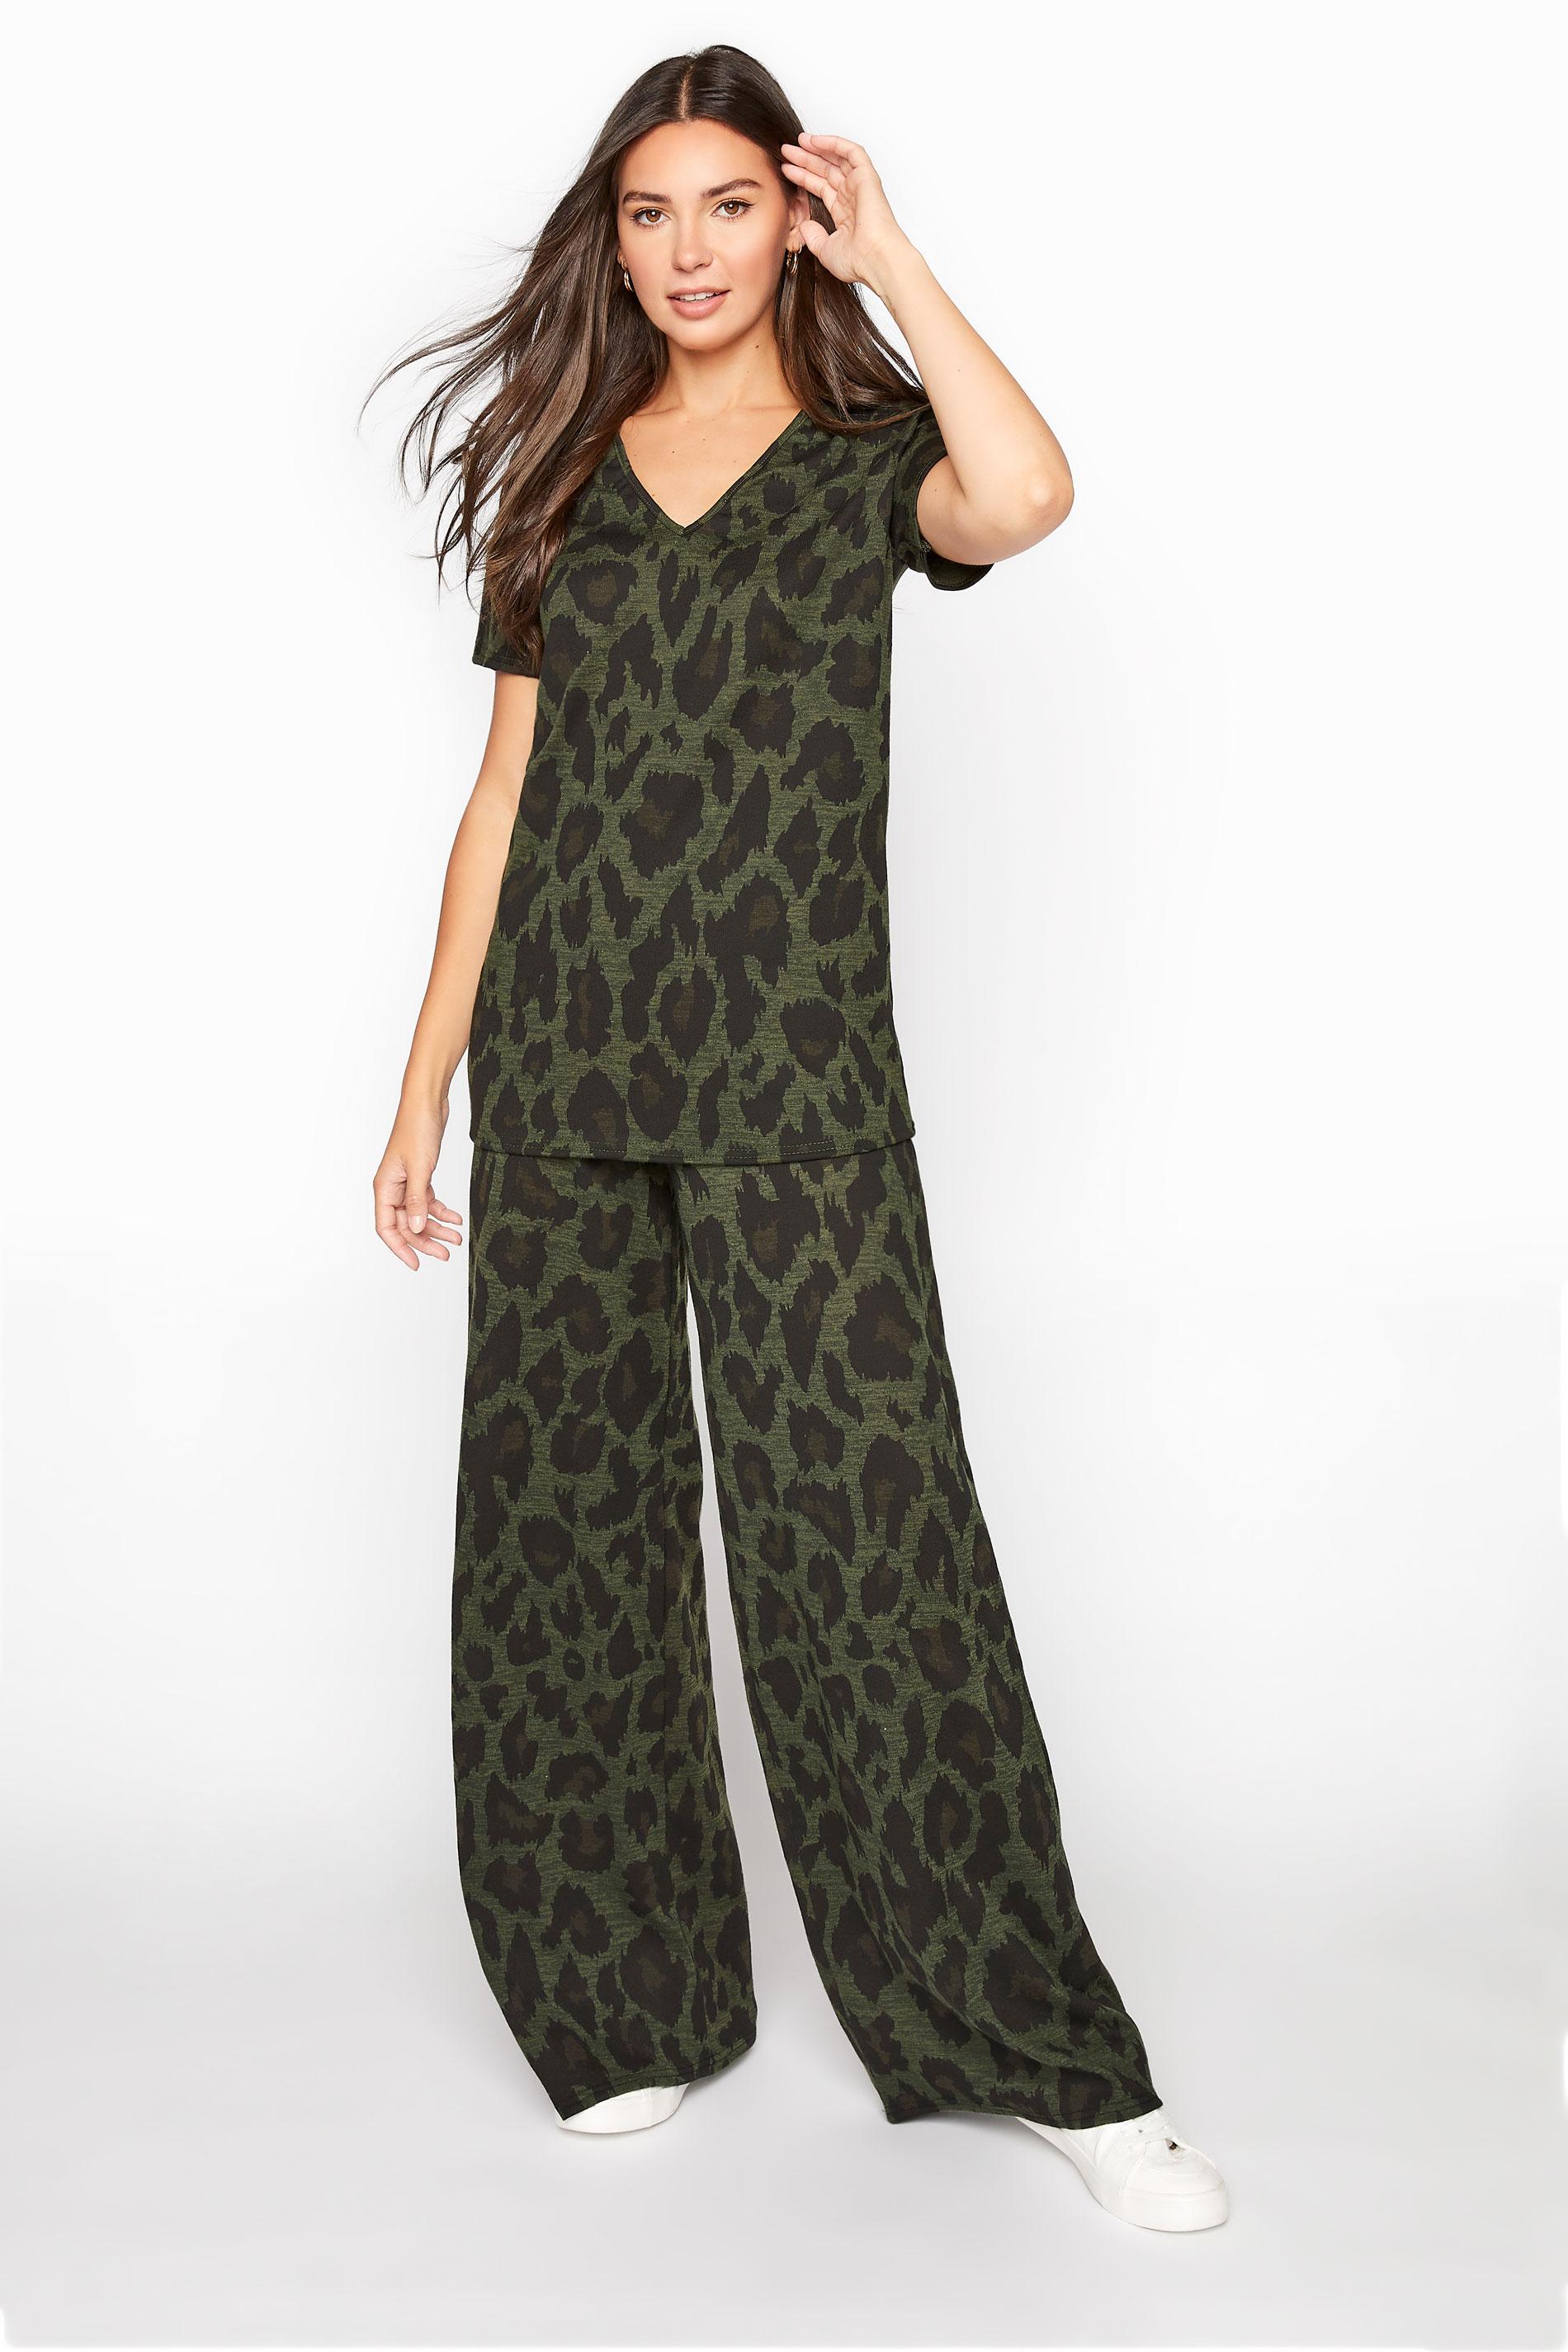 LTS Khaki Leopard Print Lounge Trousers_A.jpg